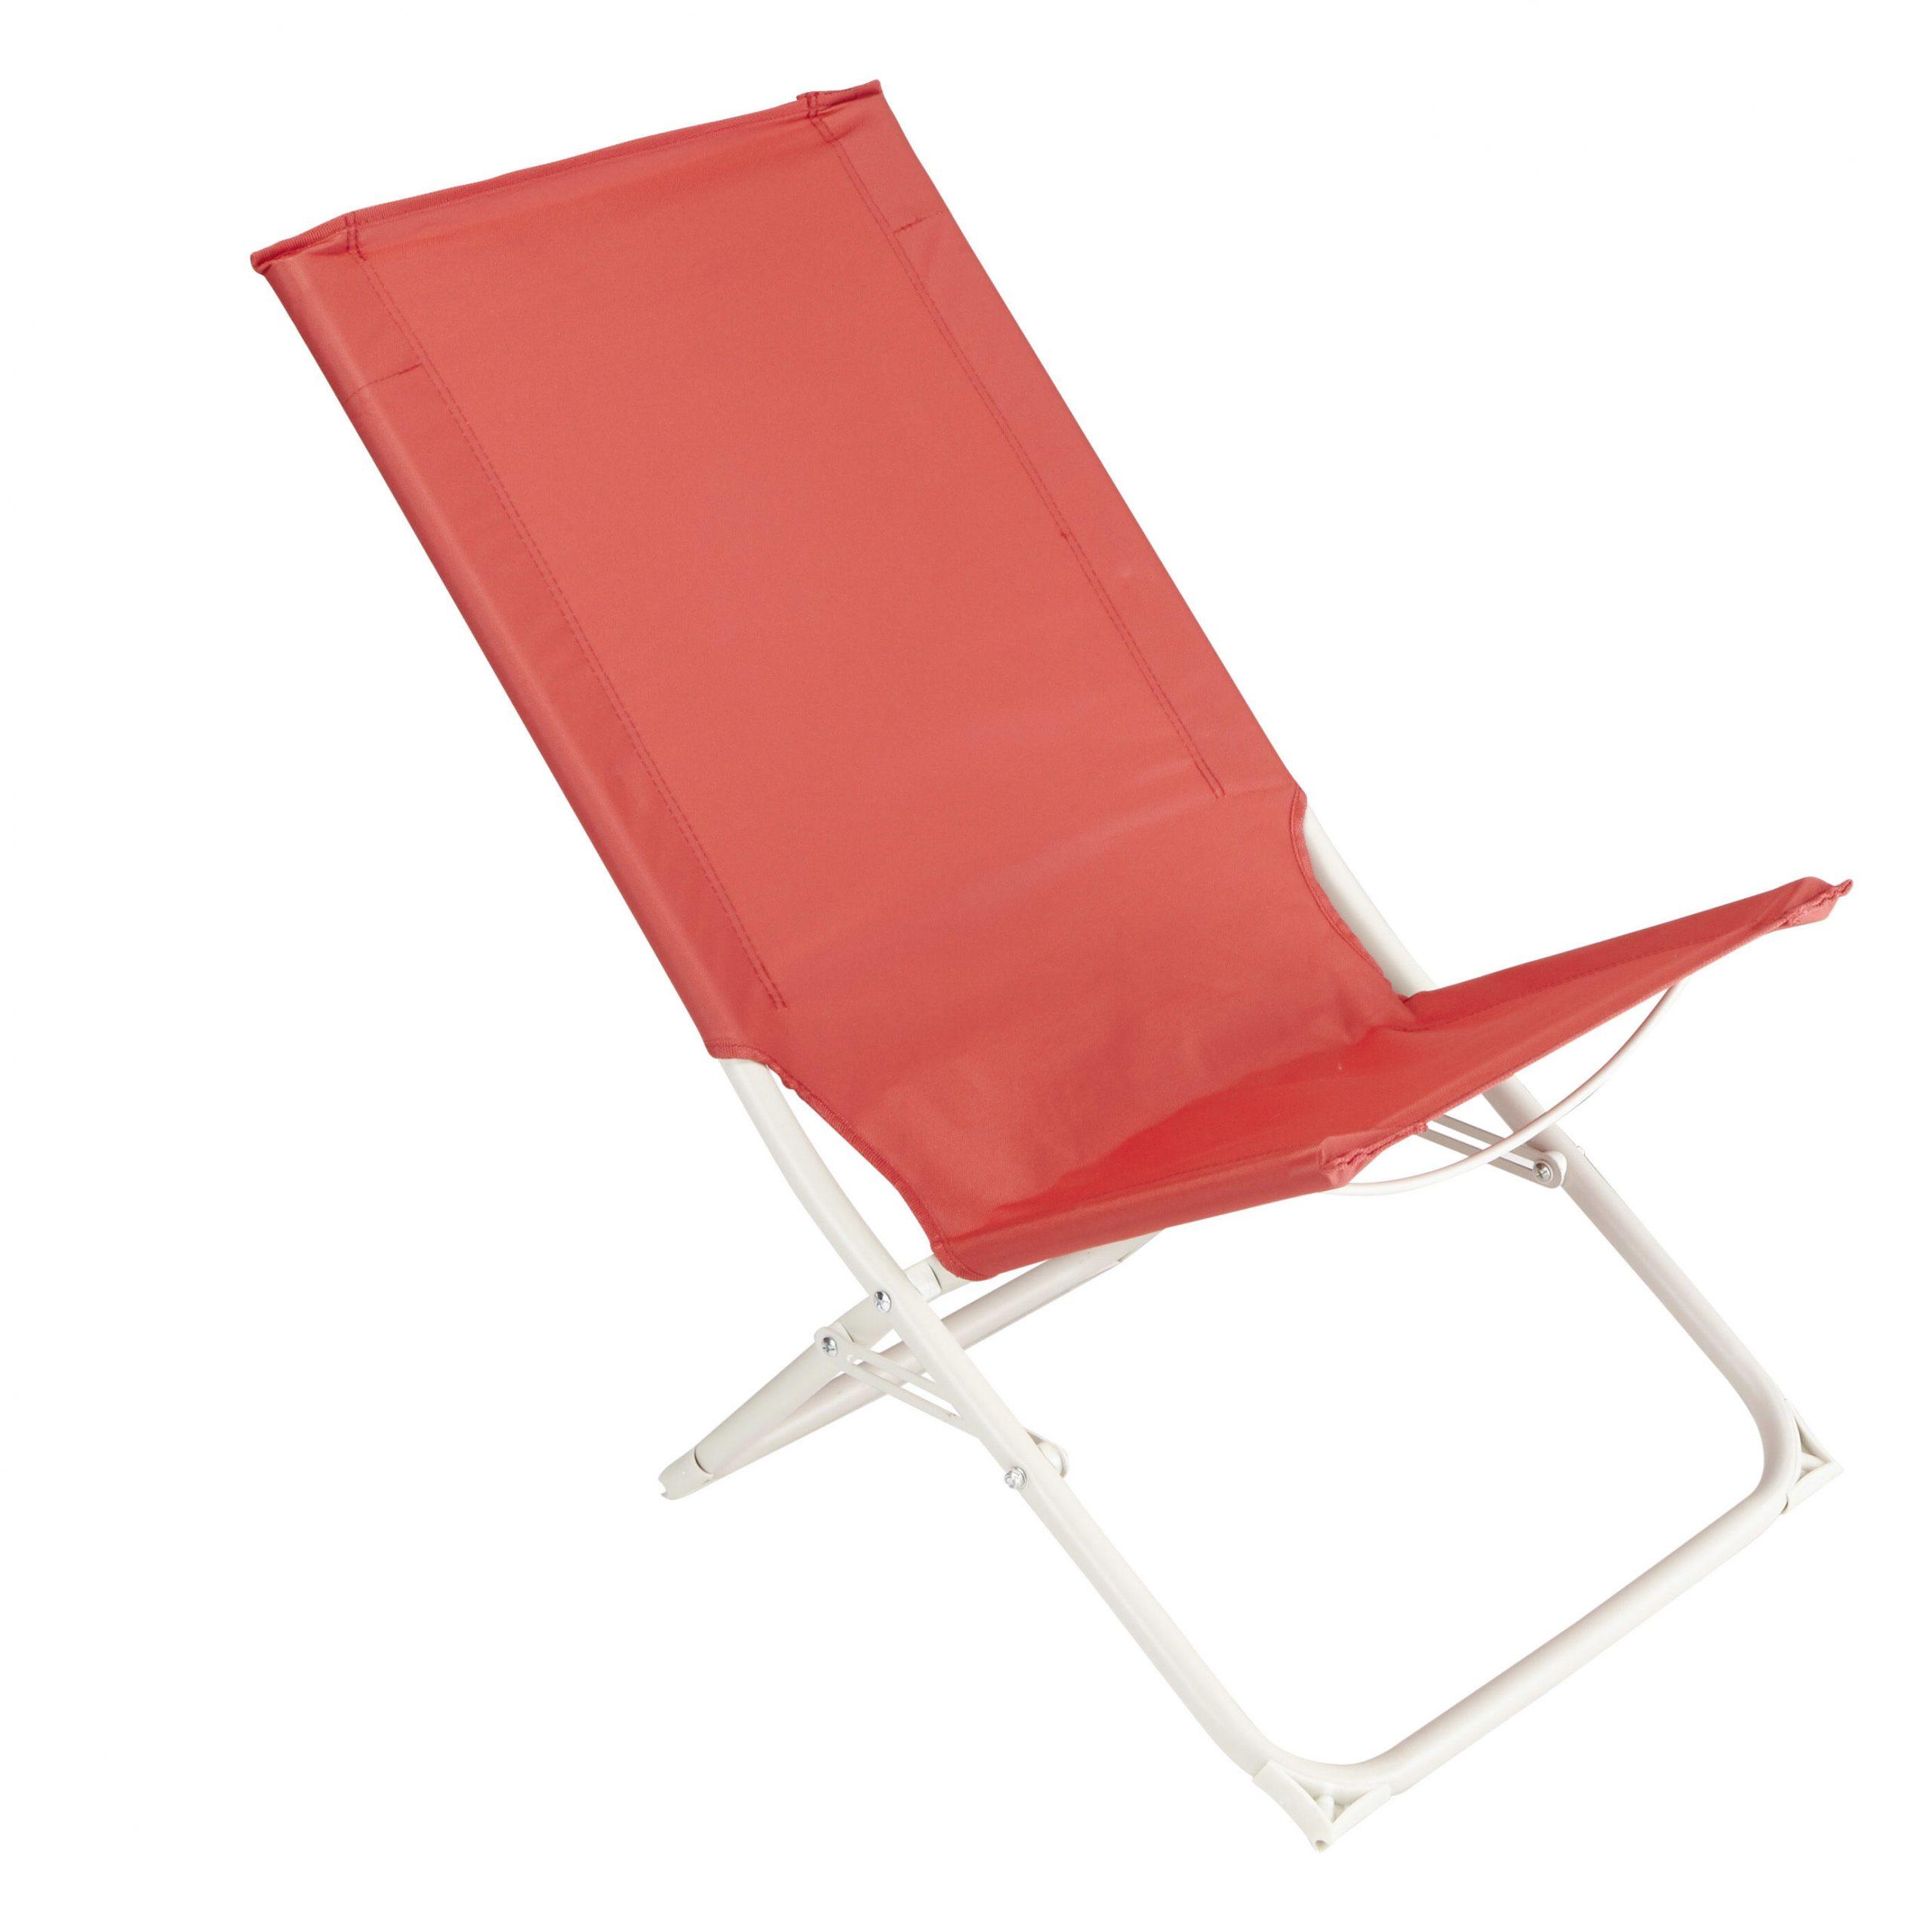 Fauteuil Relax Ikea Nouveau Balancelle De Jardin Carrefour ... à Balancelle Jardin Carrefour